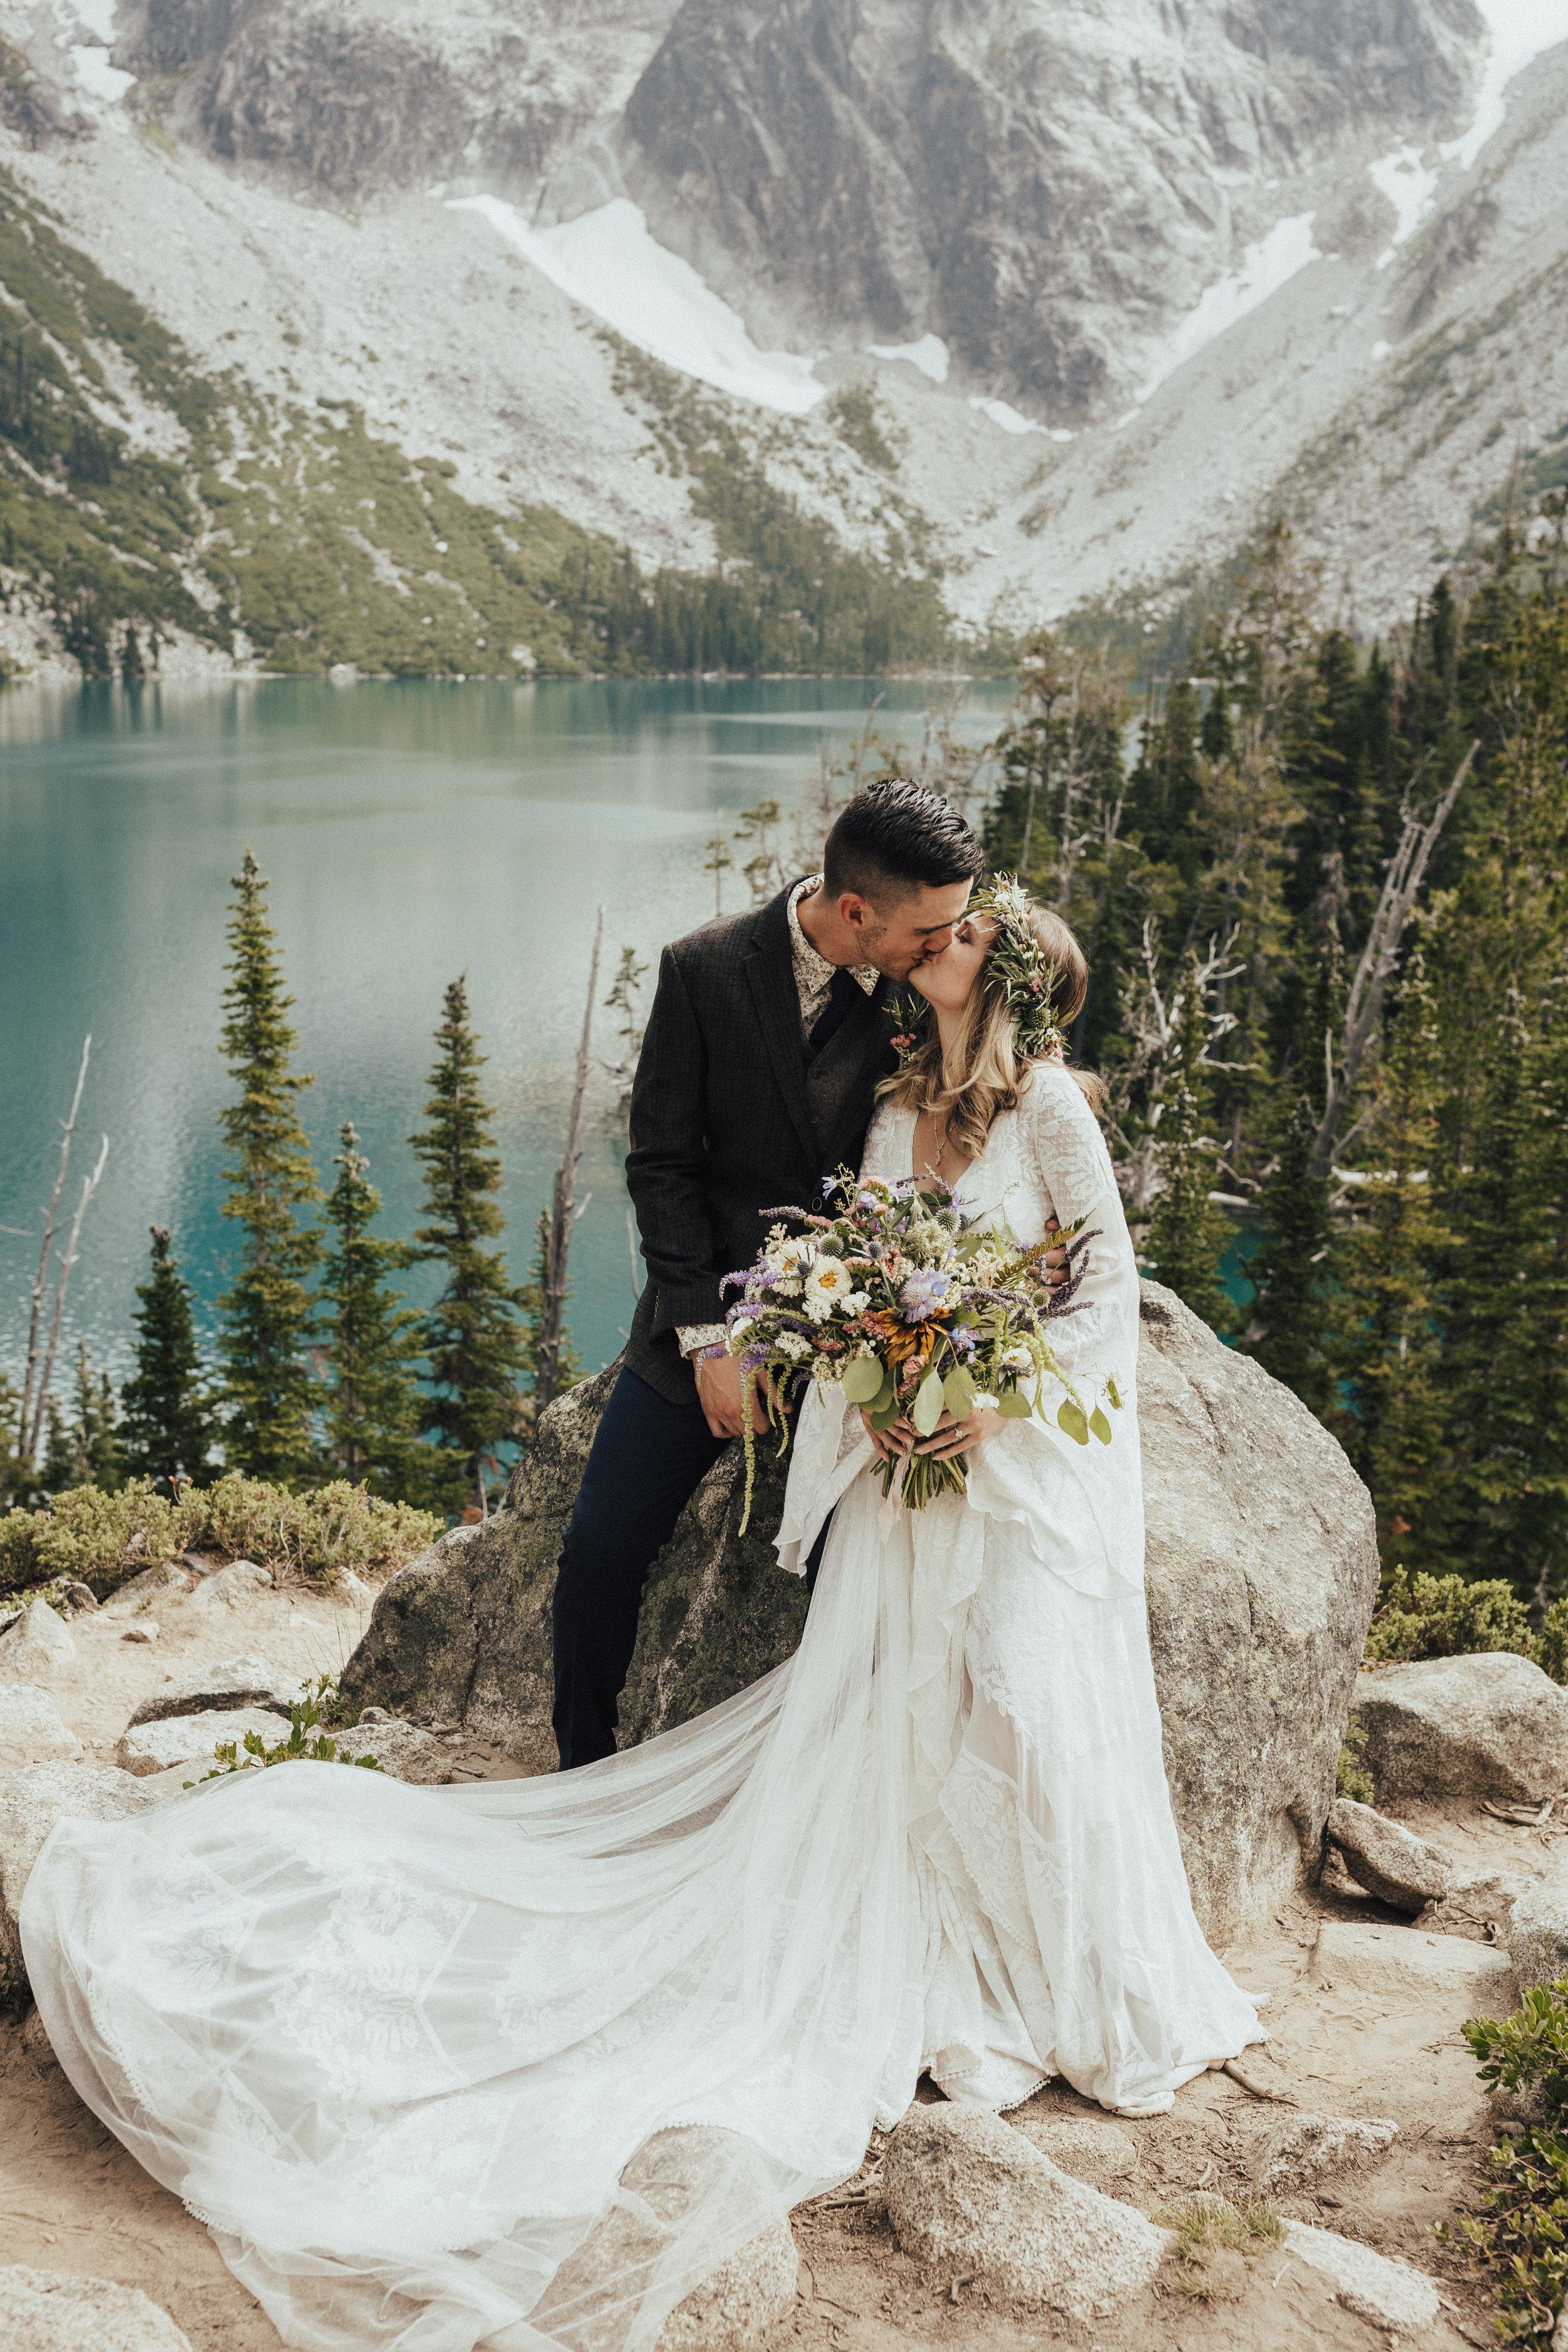 karaline_robby-colchuck-lake-elopement-washington-2018-peytoncurry-5265.jpg